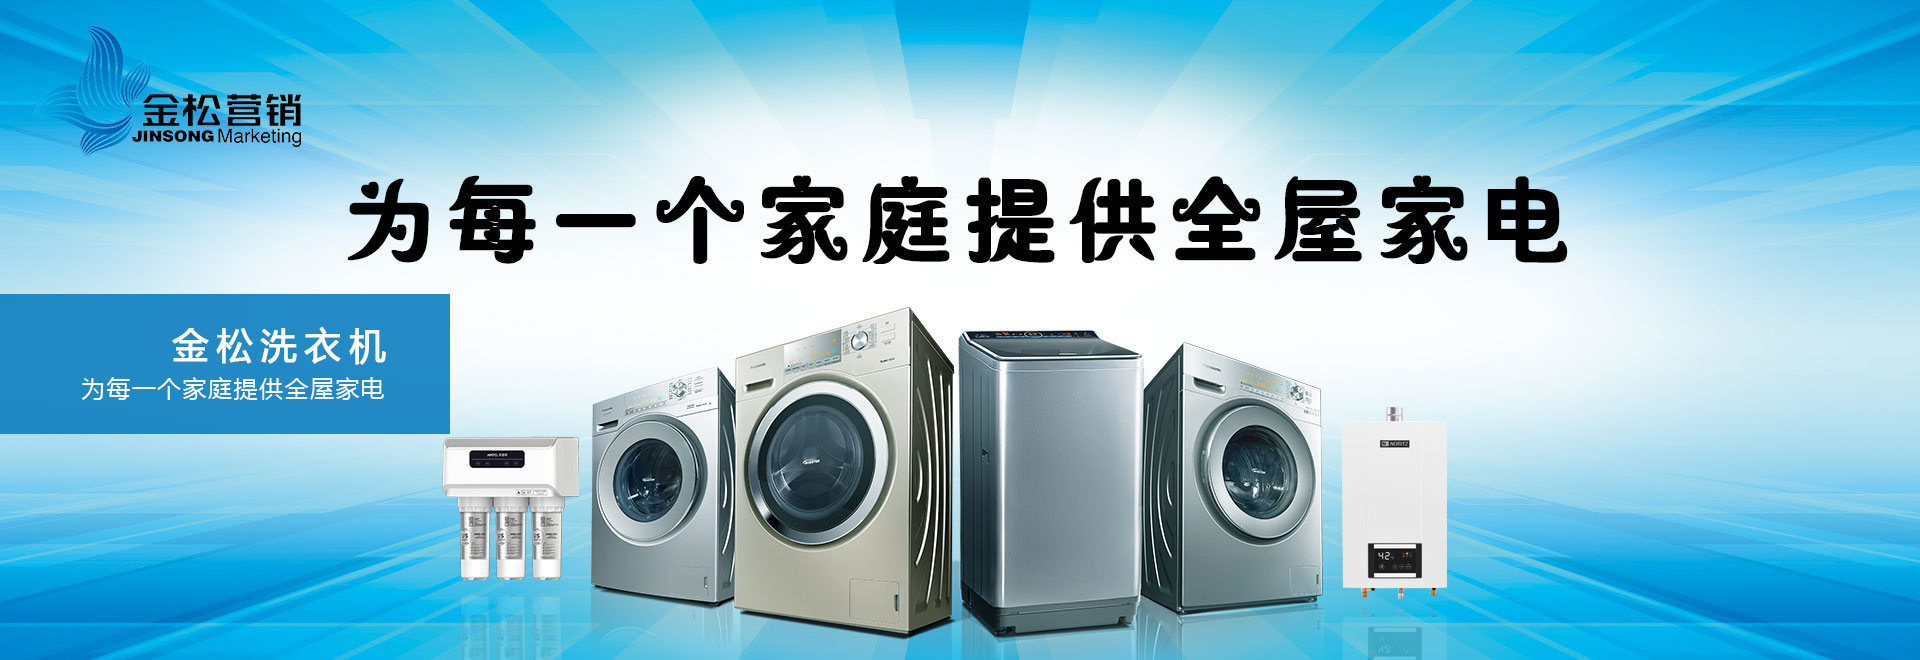 新万博体育app万洗衣机